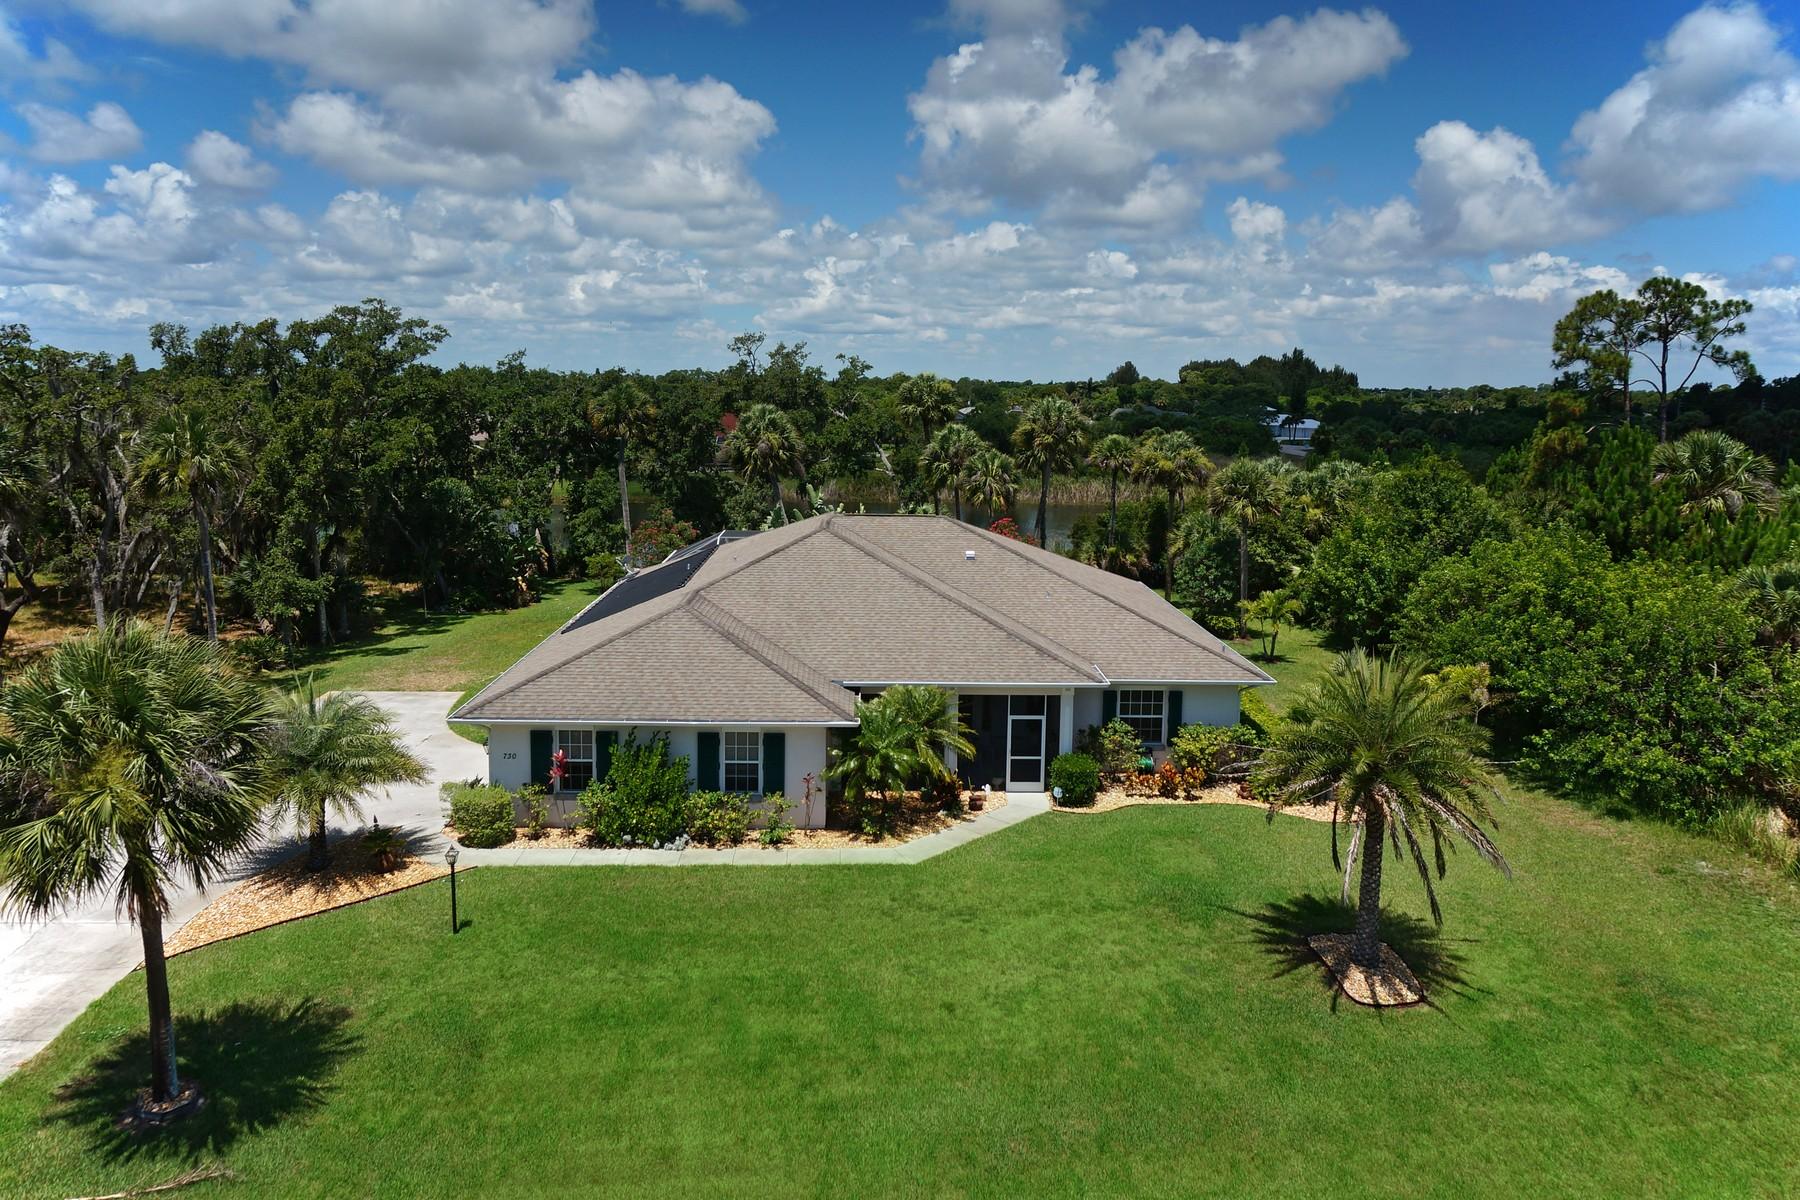 단독 가정 주택 용 매매 에 Scenic Lakefront Home 730 S Easy Street Sebastian, 플로리다 32958 미국